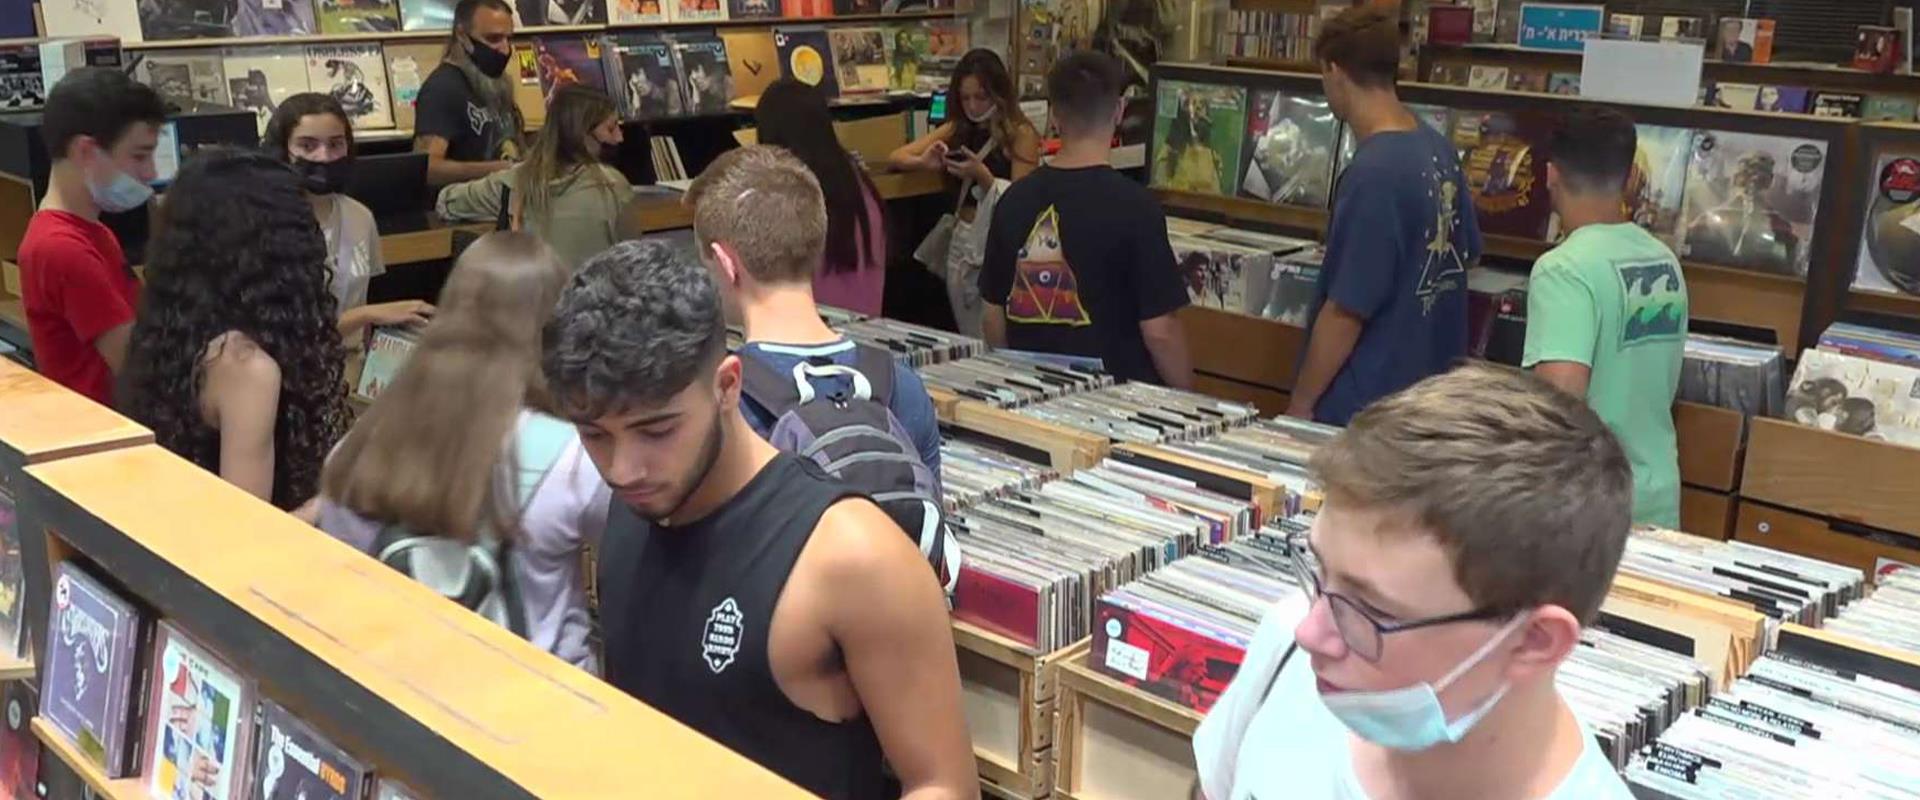 בני נוער בחנות תקליטים